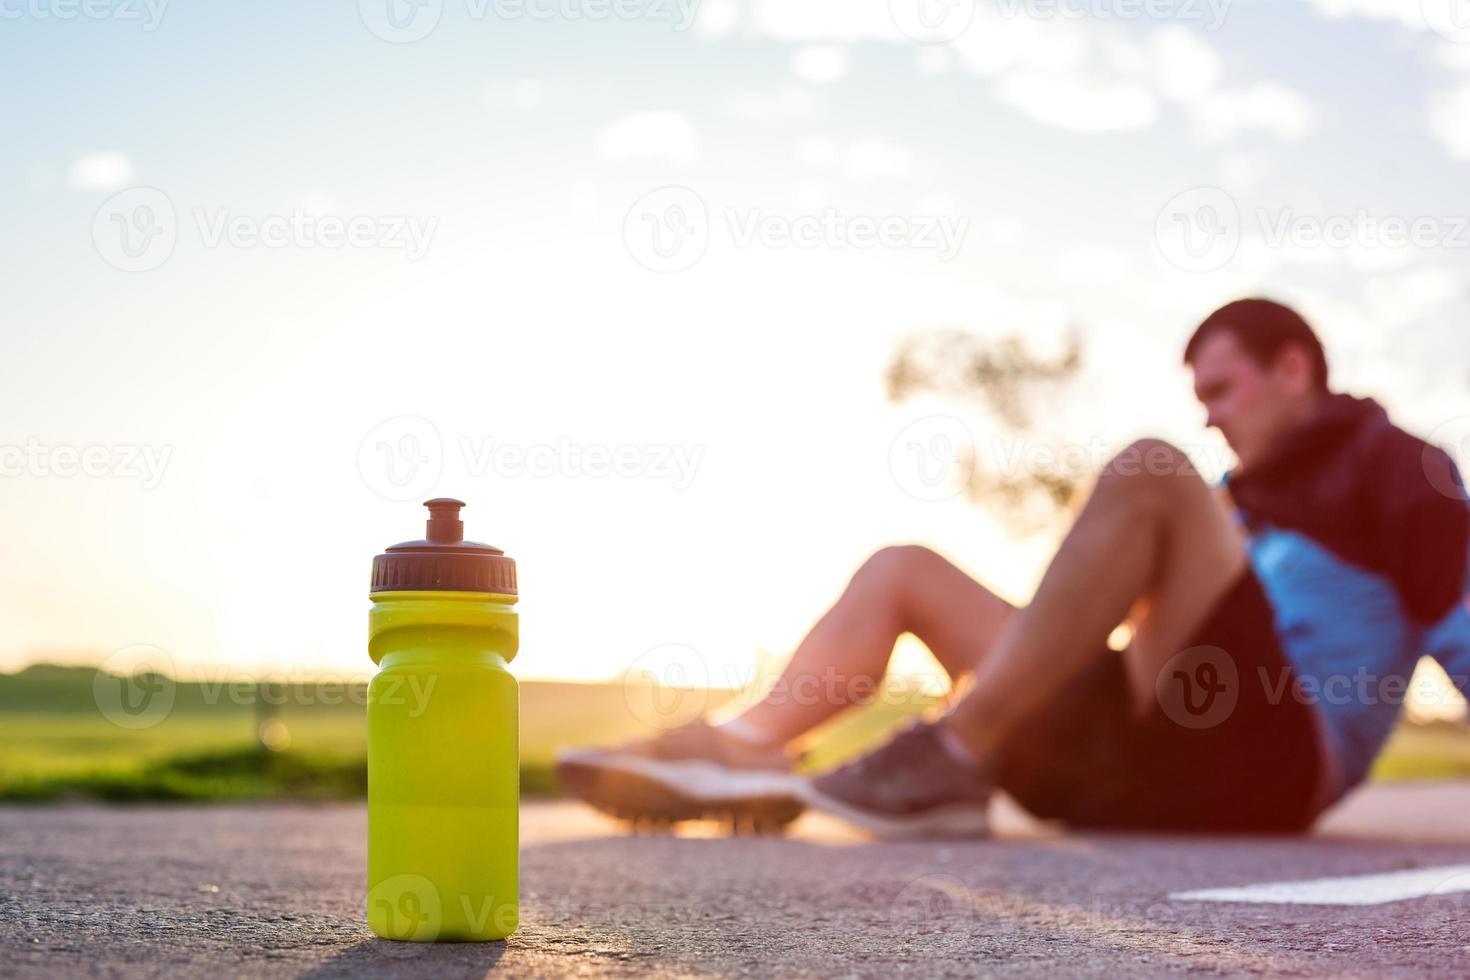 Sportflasche mit Wasser und Läufer foto